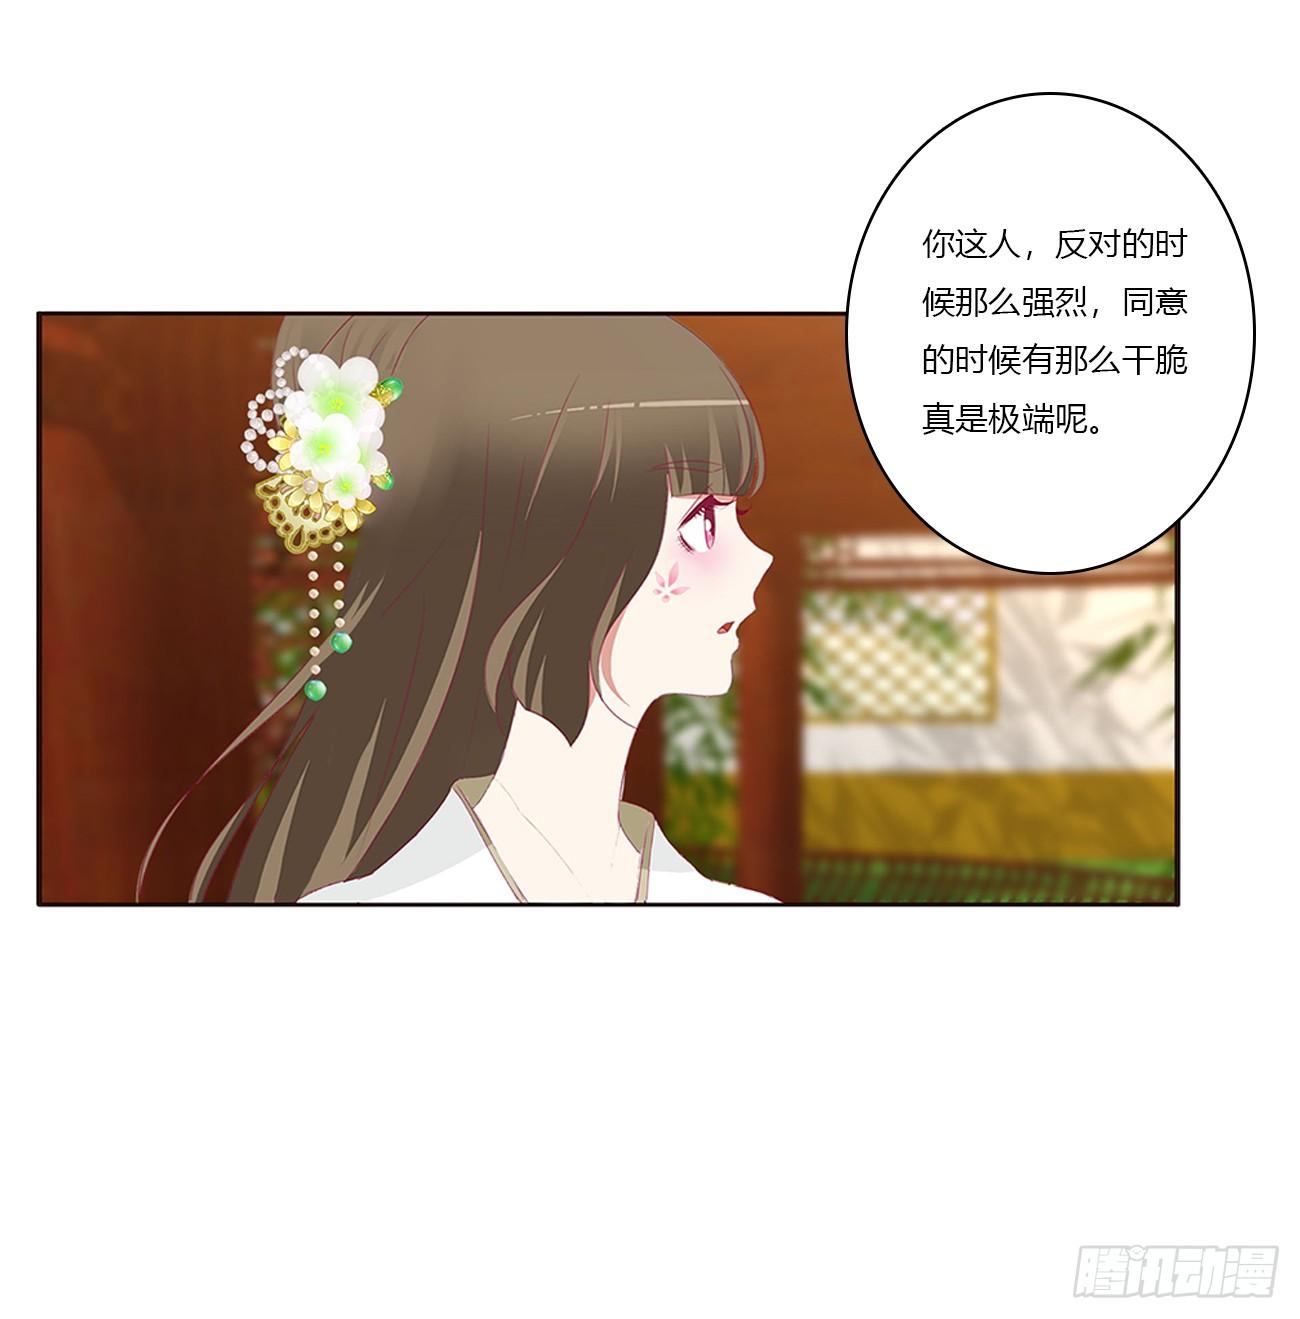 通靈妃: 赞同 - 第36页